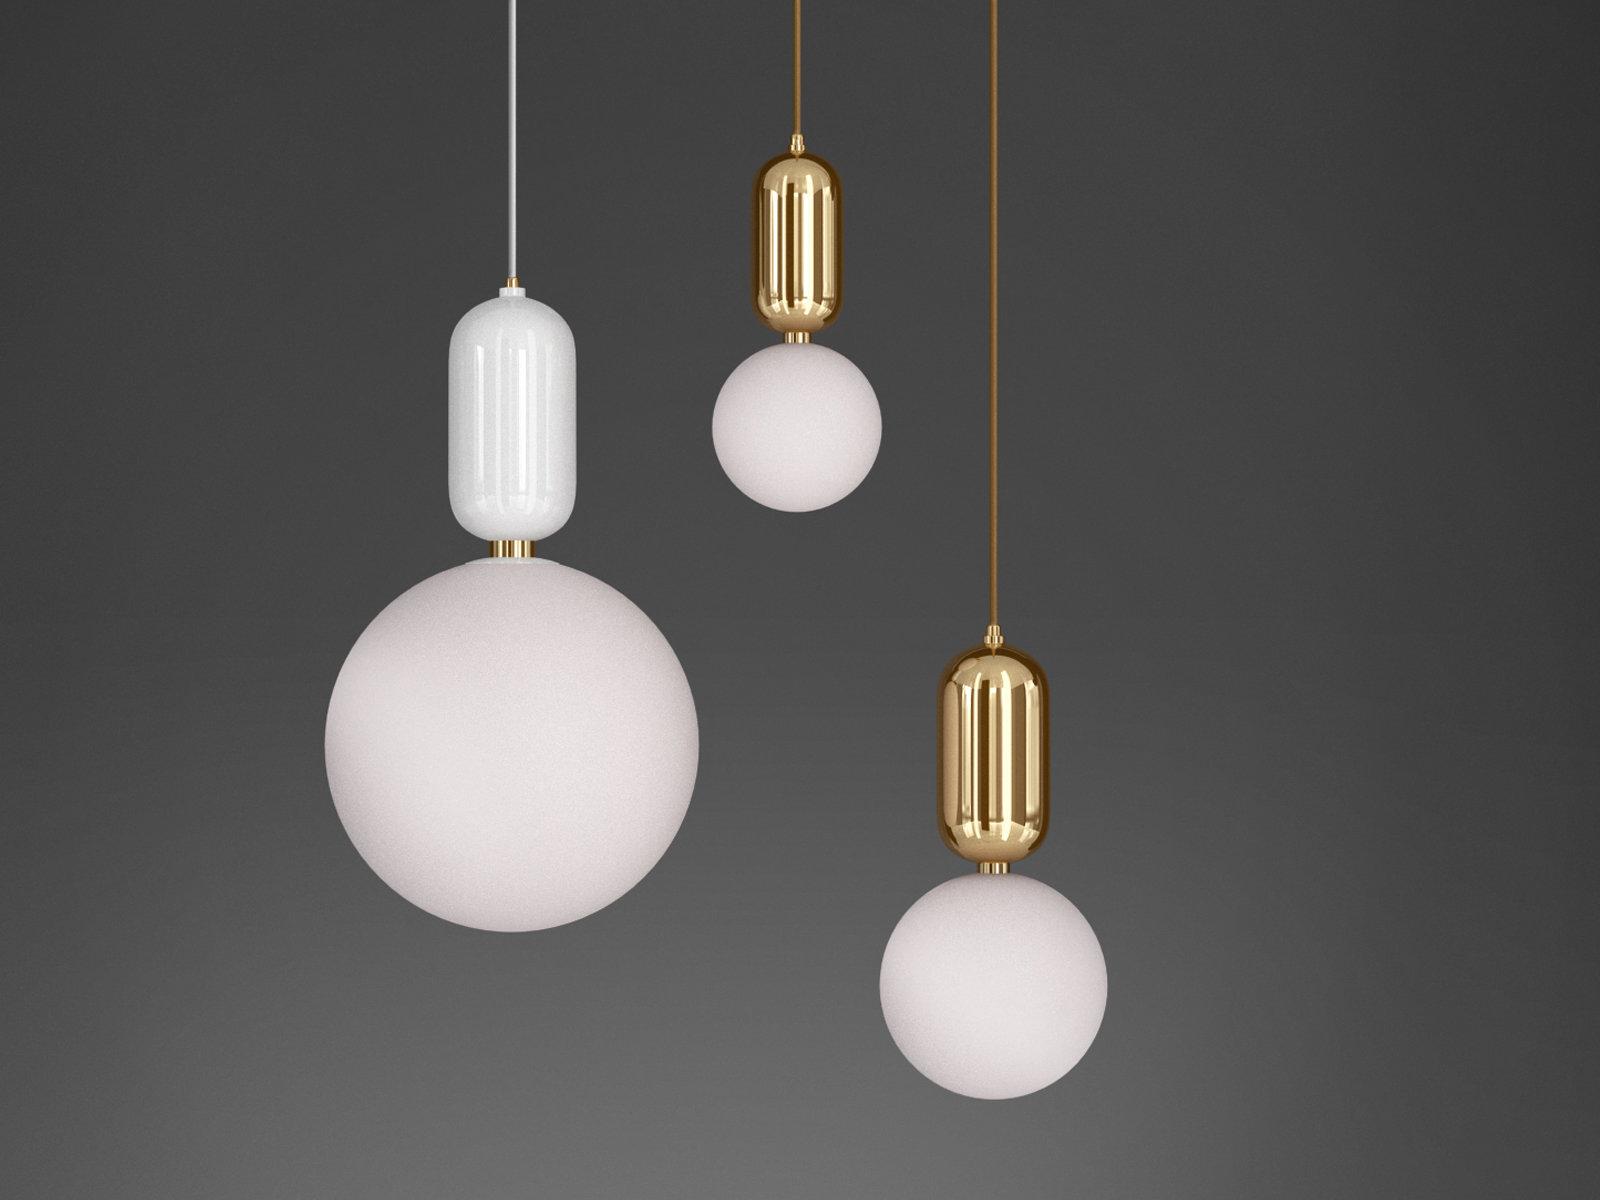 Aballs 吊灯-室内台灯,C4D模型-云酷网c4d